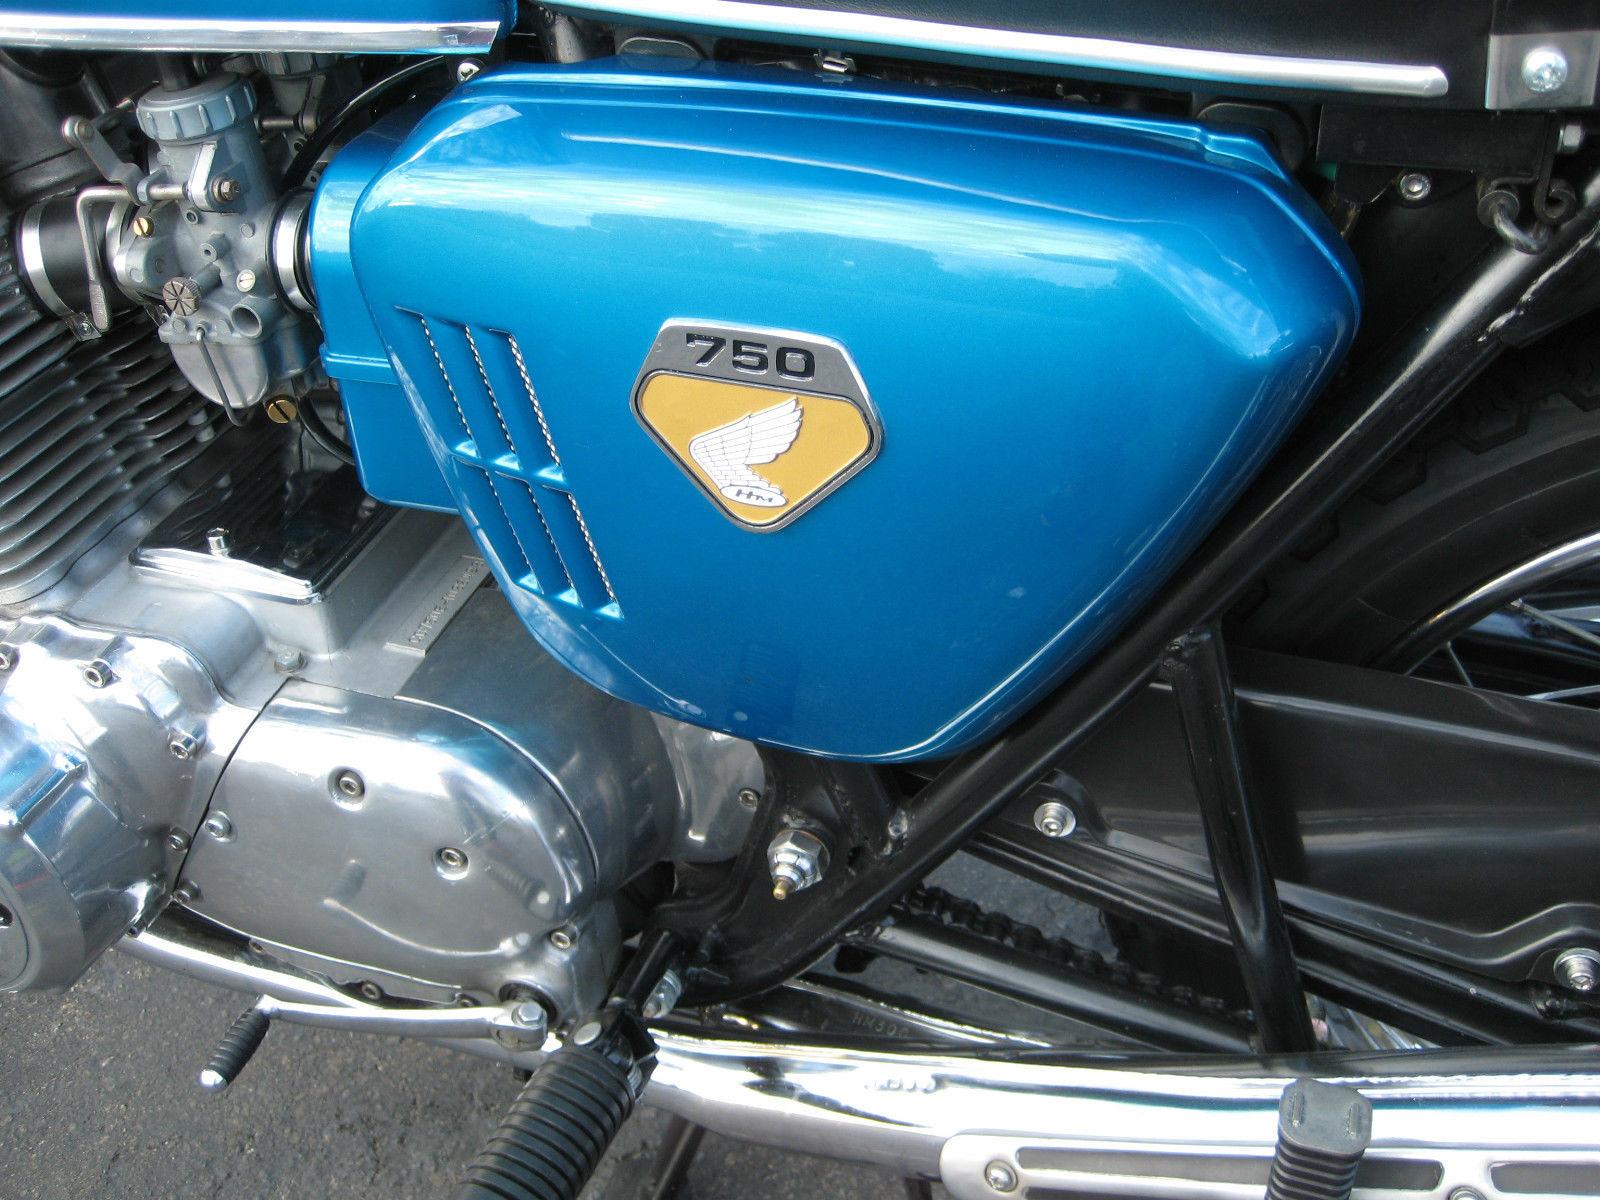 Honda CB750 K0 - 1970 - Vented Side Panel, Footrest, Frame and Gear Change.